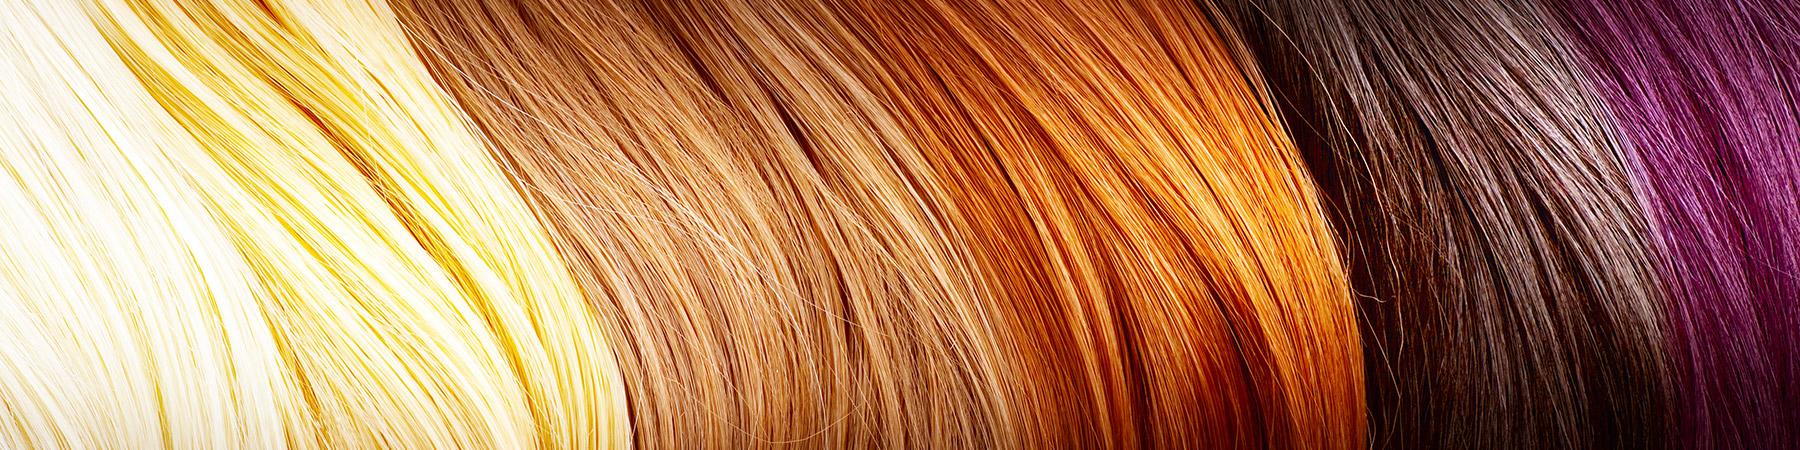 vademecum włosa racoon